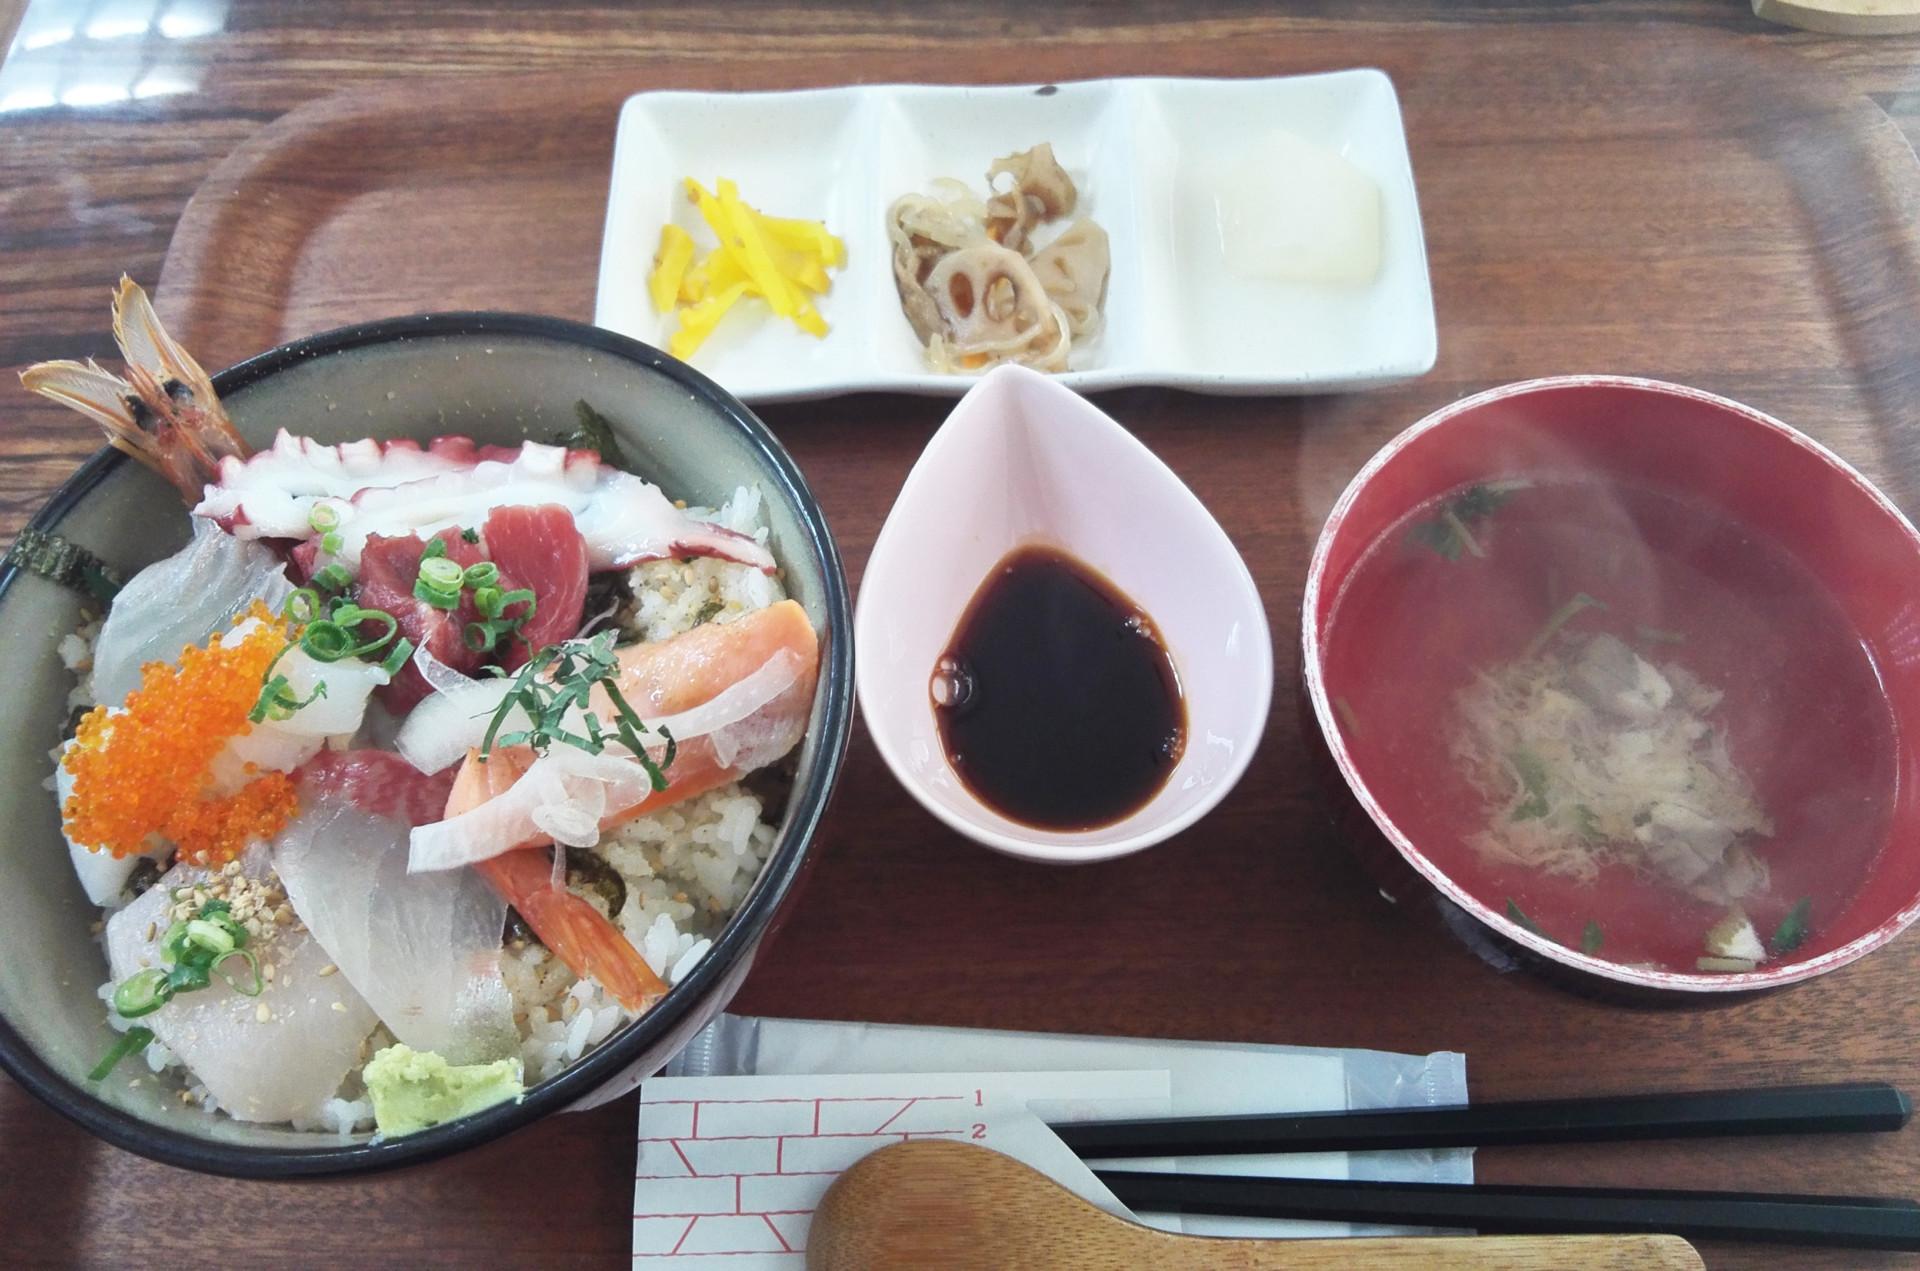 海鮮丼セット(680円)は新鮮でボリュームたっぷり